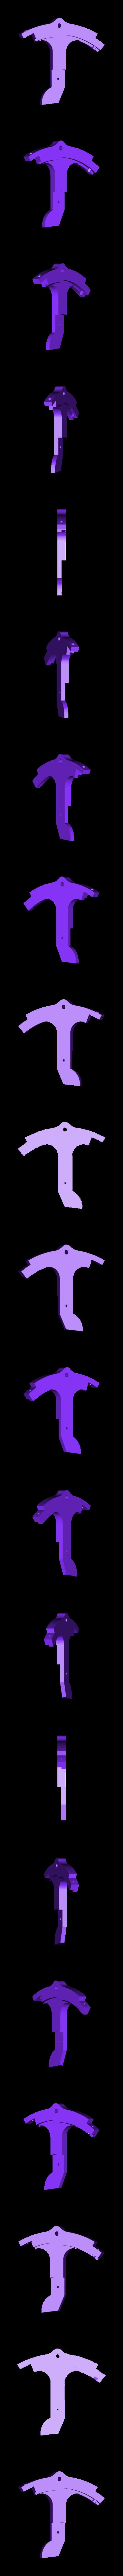 bottom1.stl Télécharger fichier STL gratuit Tambour électronique de 8 pouces avec petite imprimante 3d • Plan pour impression 3D, RyoKosaka